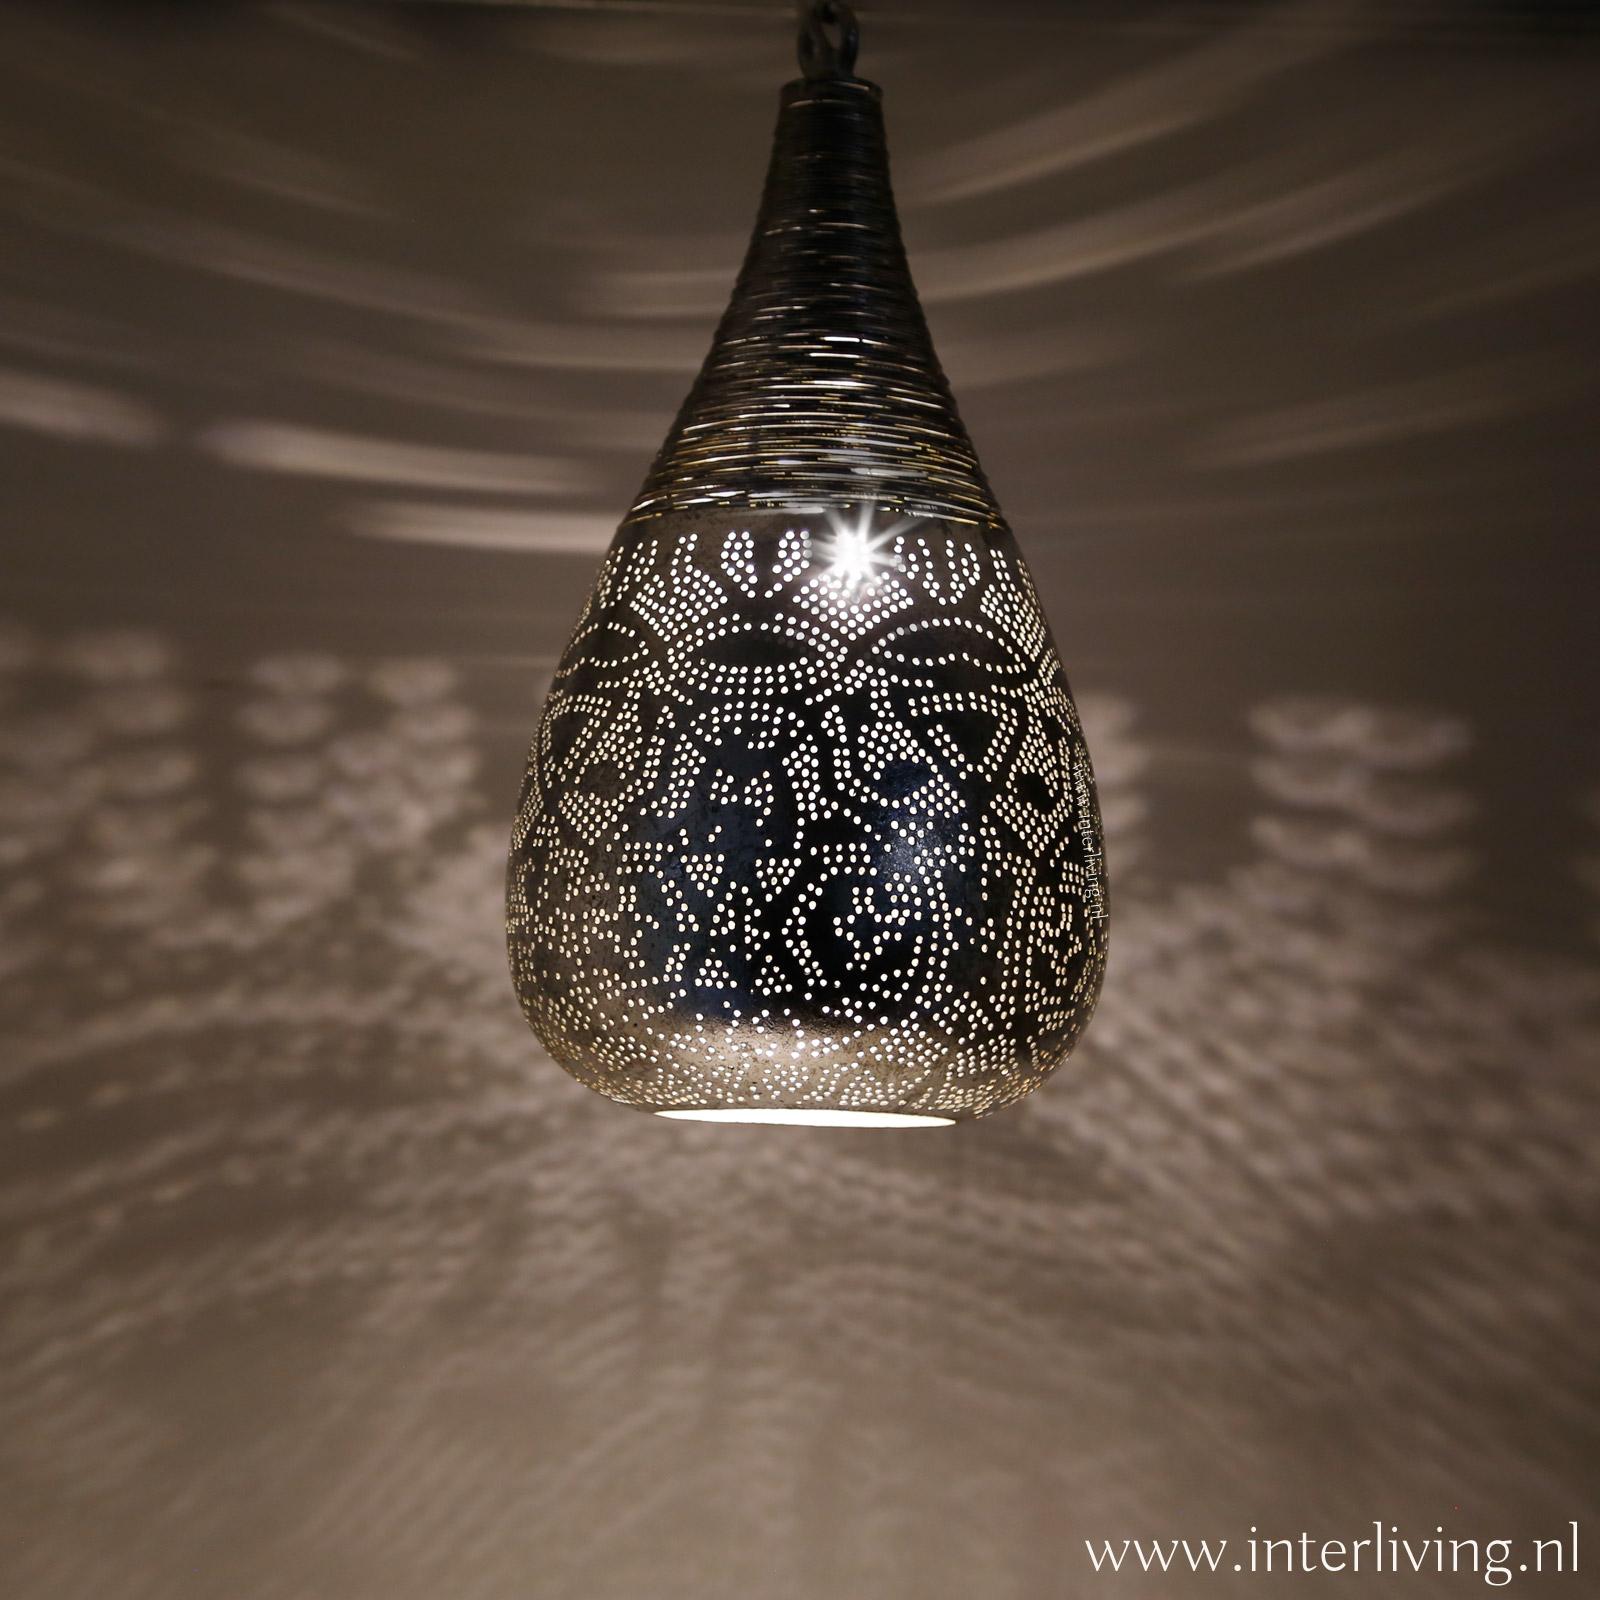 zilver kleur hanglamp met geperforeerde gaatjespatronen - 1001nacht oosterse filigrain lamp